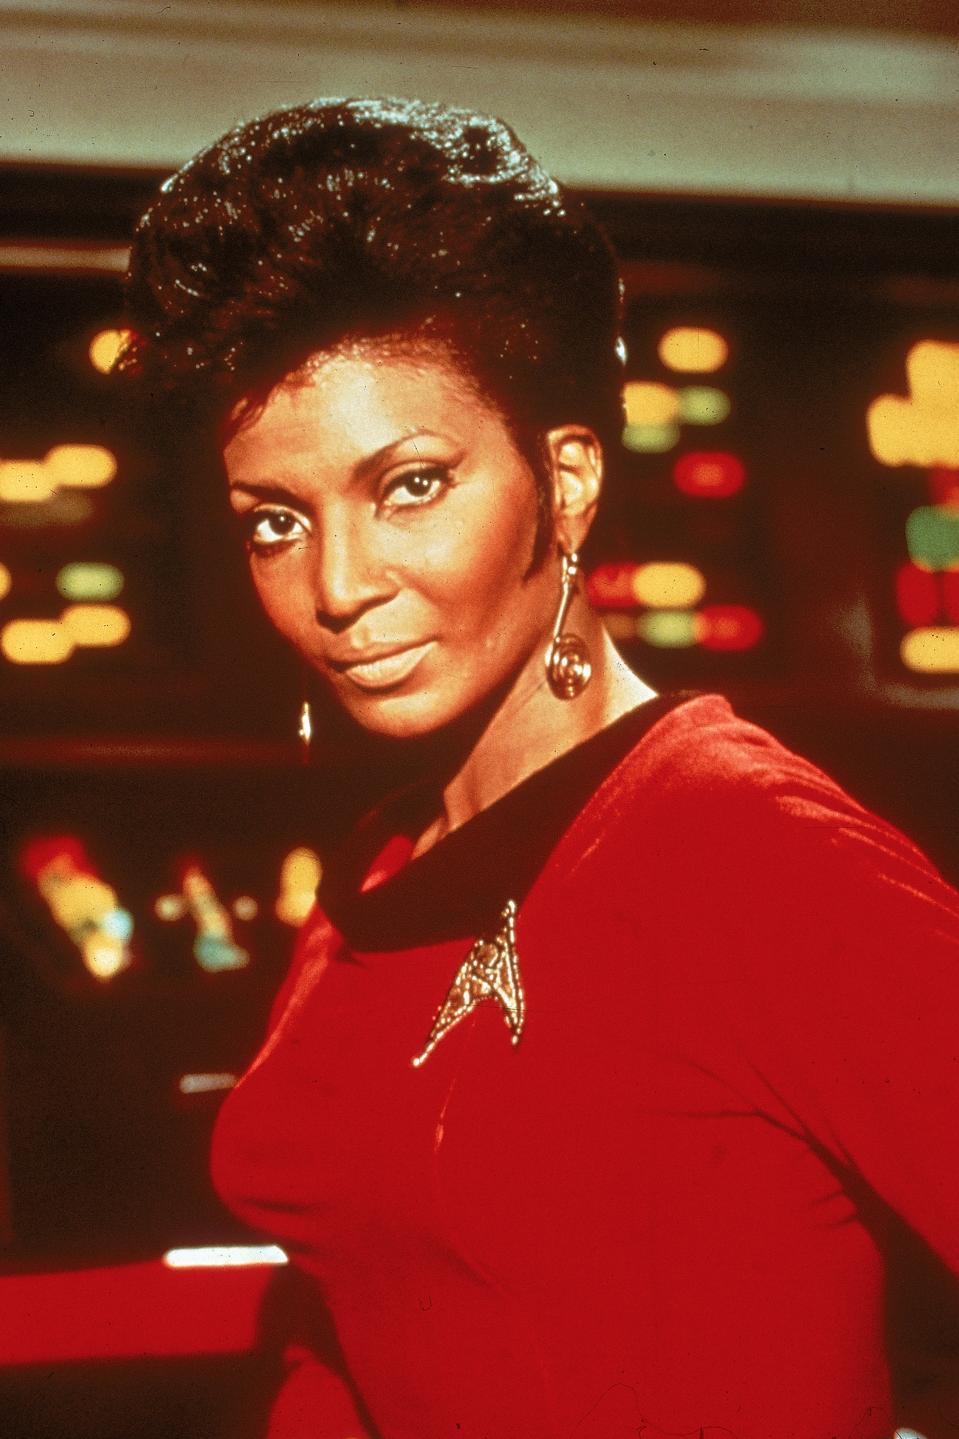 Nichelle Nichols as Uhura in 'Star Trek'